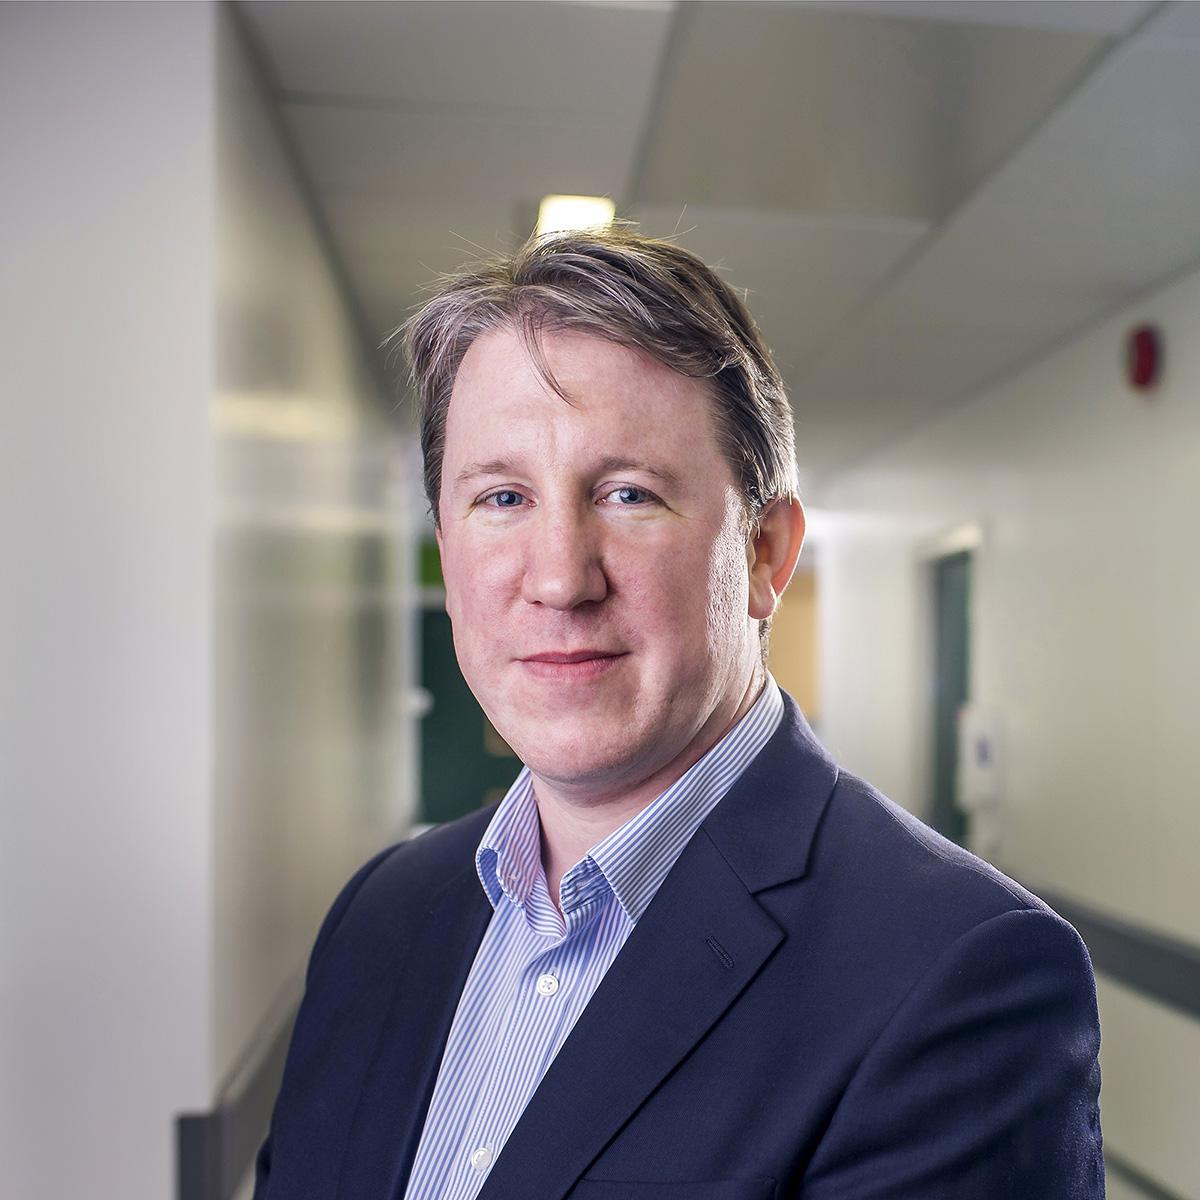 Phil Crosbie headshot